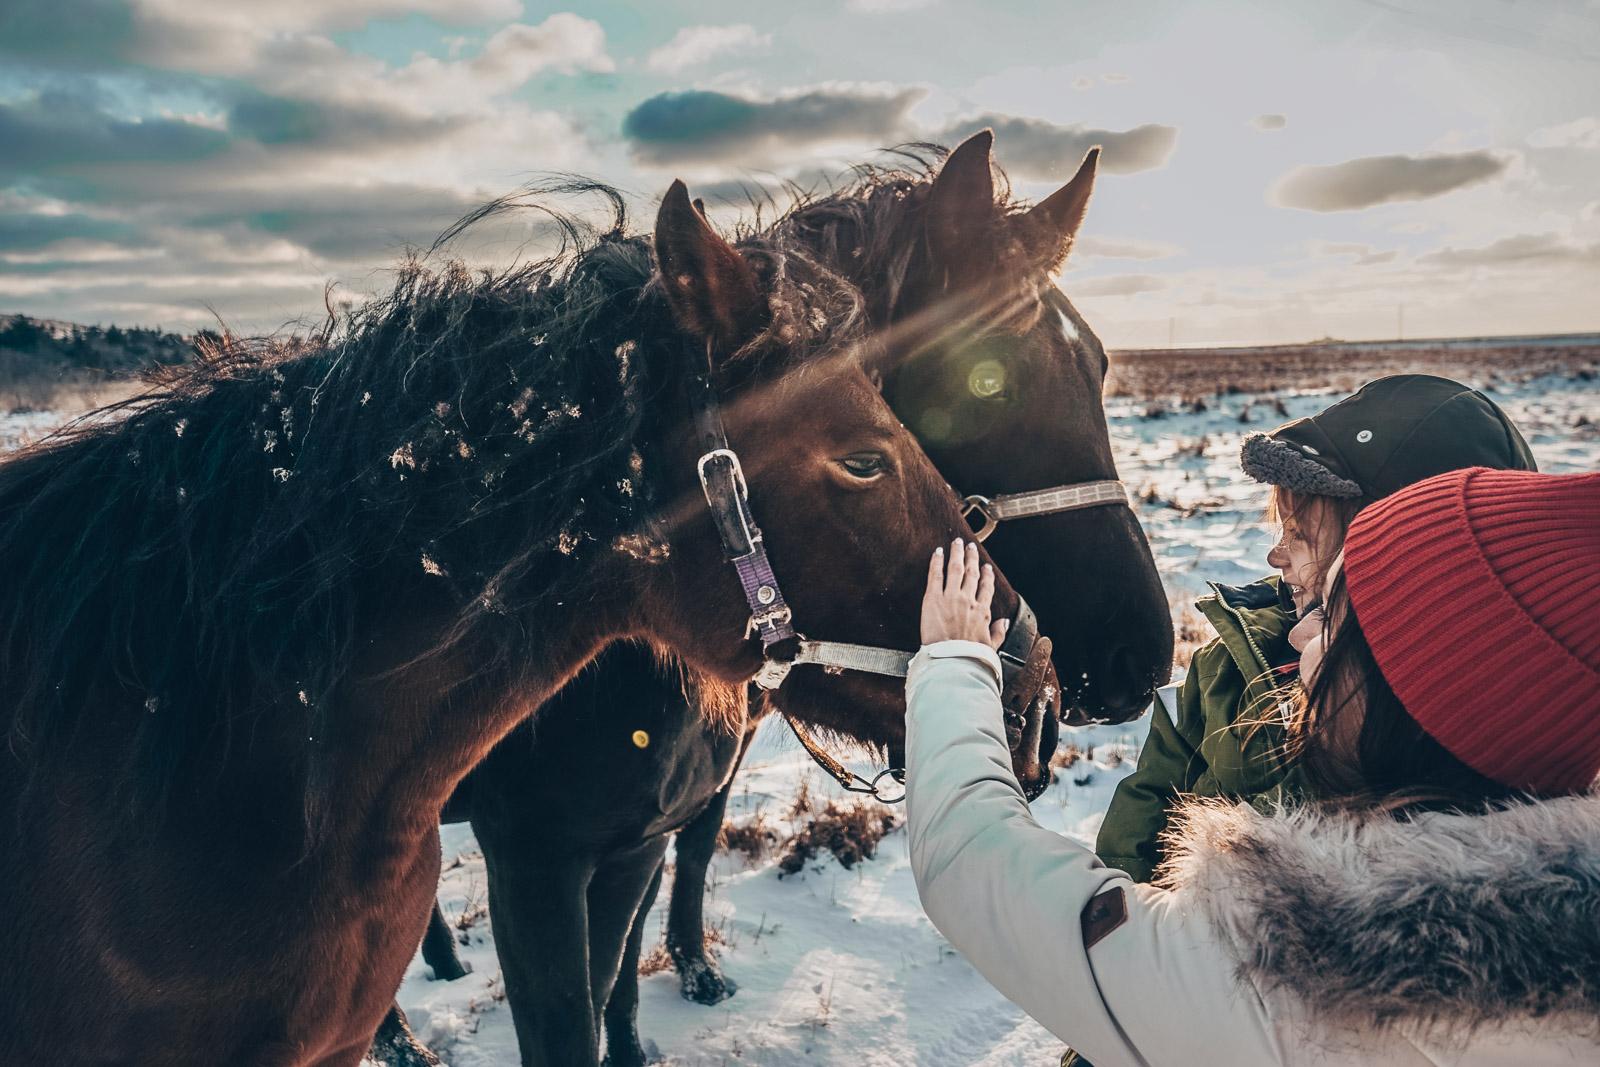 Mama idziecko głaszczące konia, zimowa aura, kulig